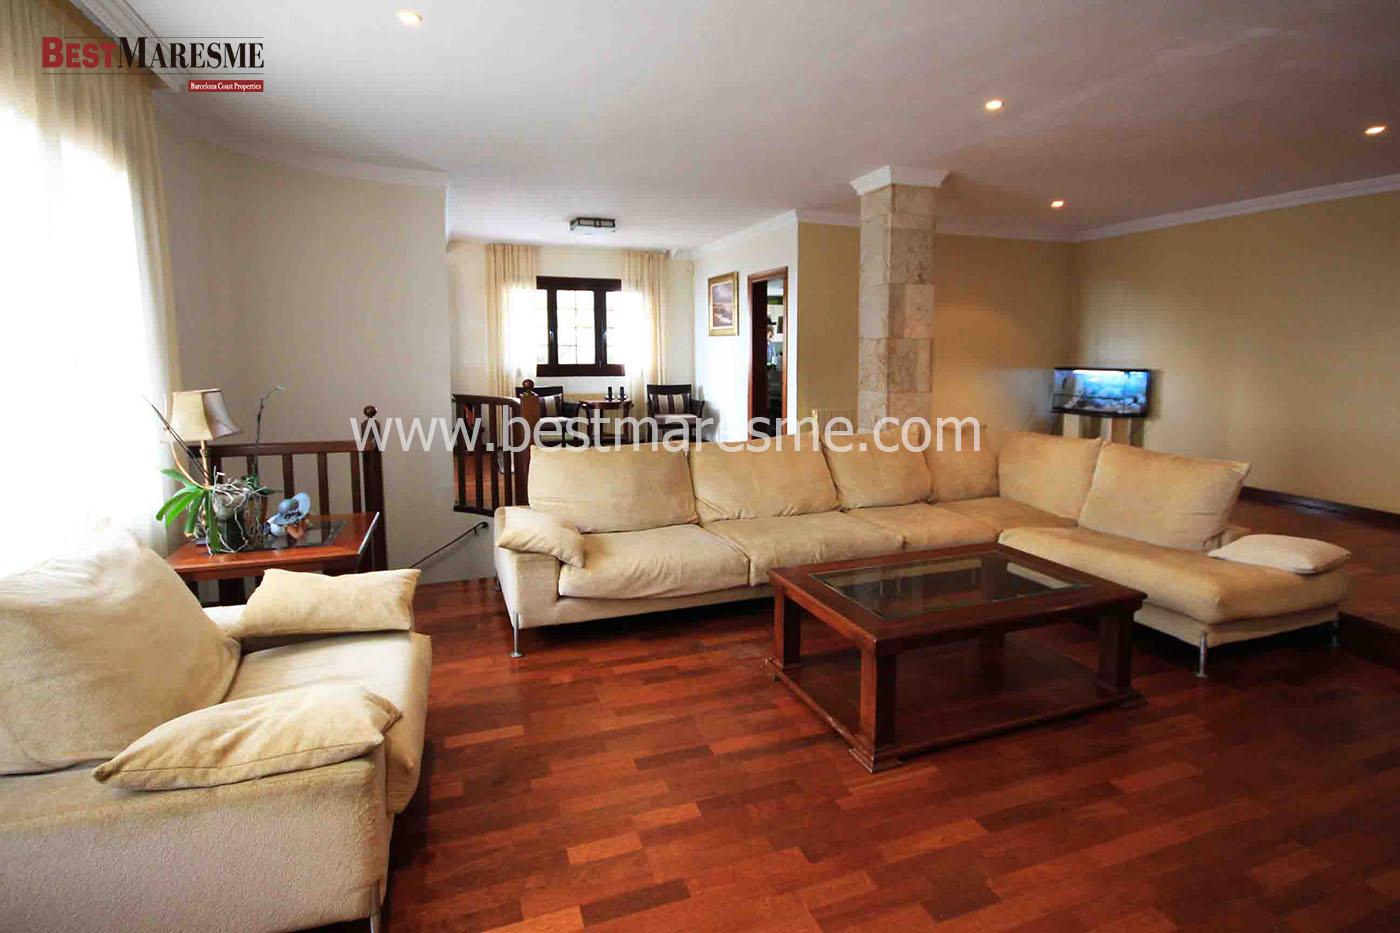 La propiedad cuenta con una vivienda principal y una vivienda de invitados anexa